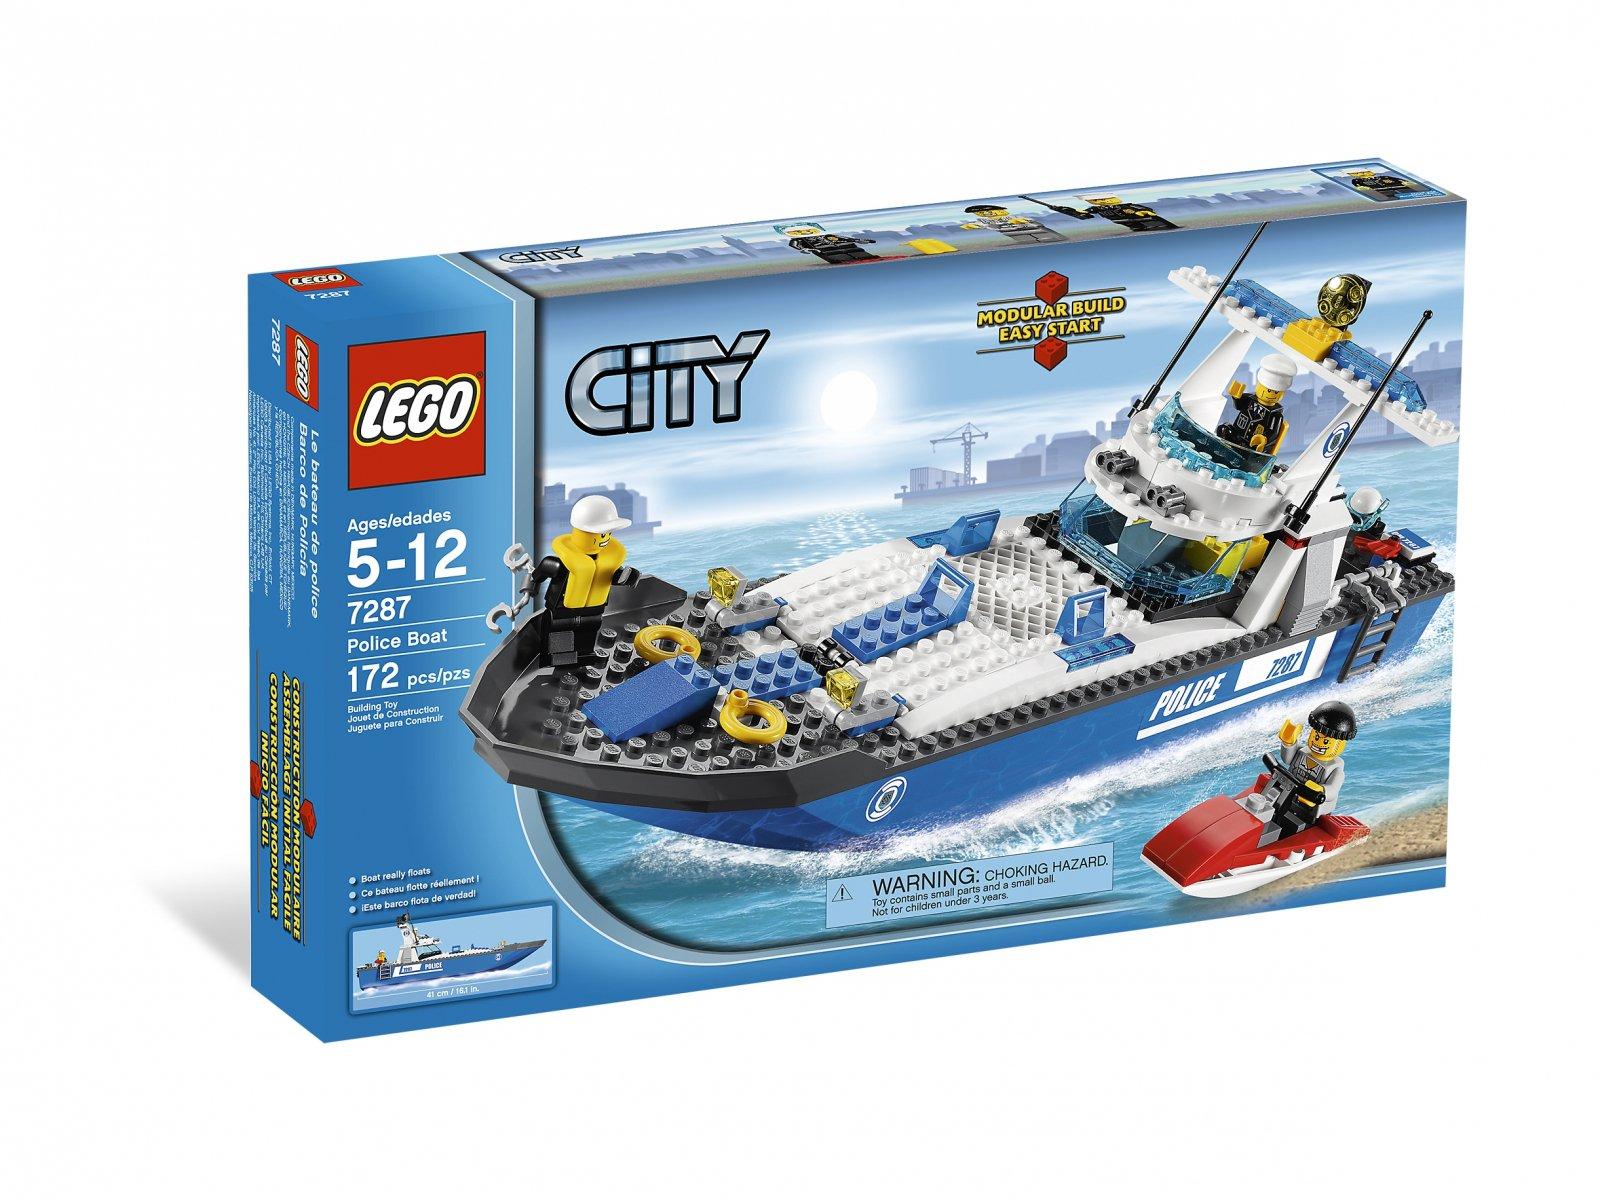 LEGO 7287 Łódź policyjna